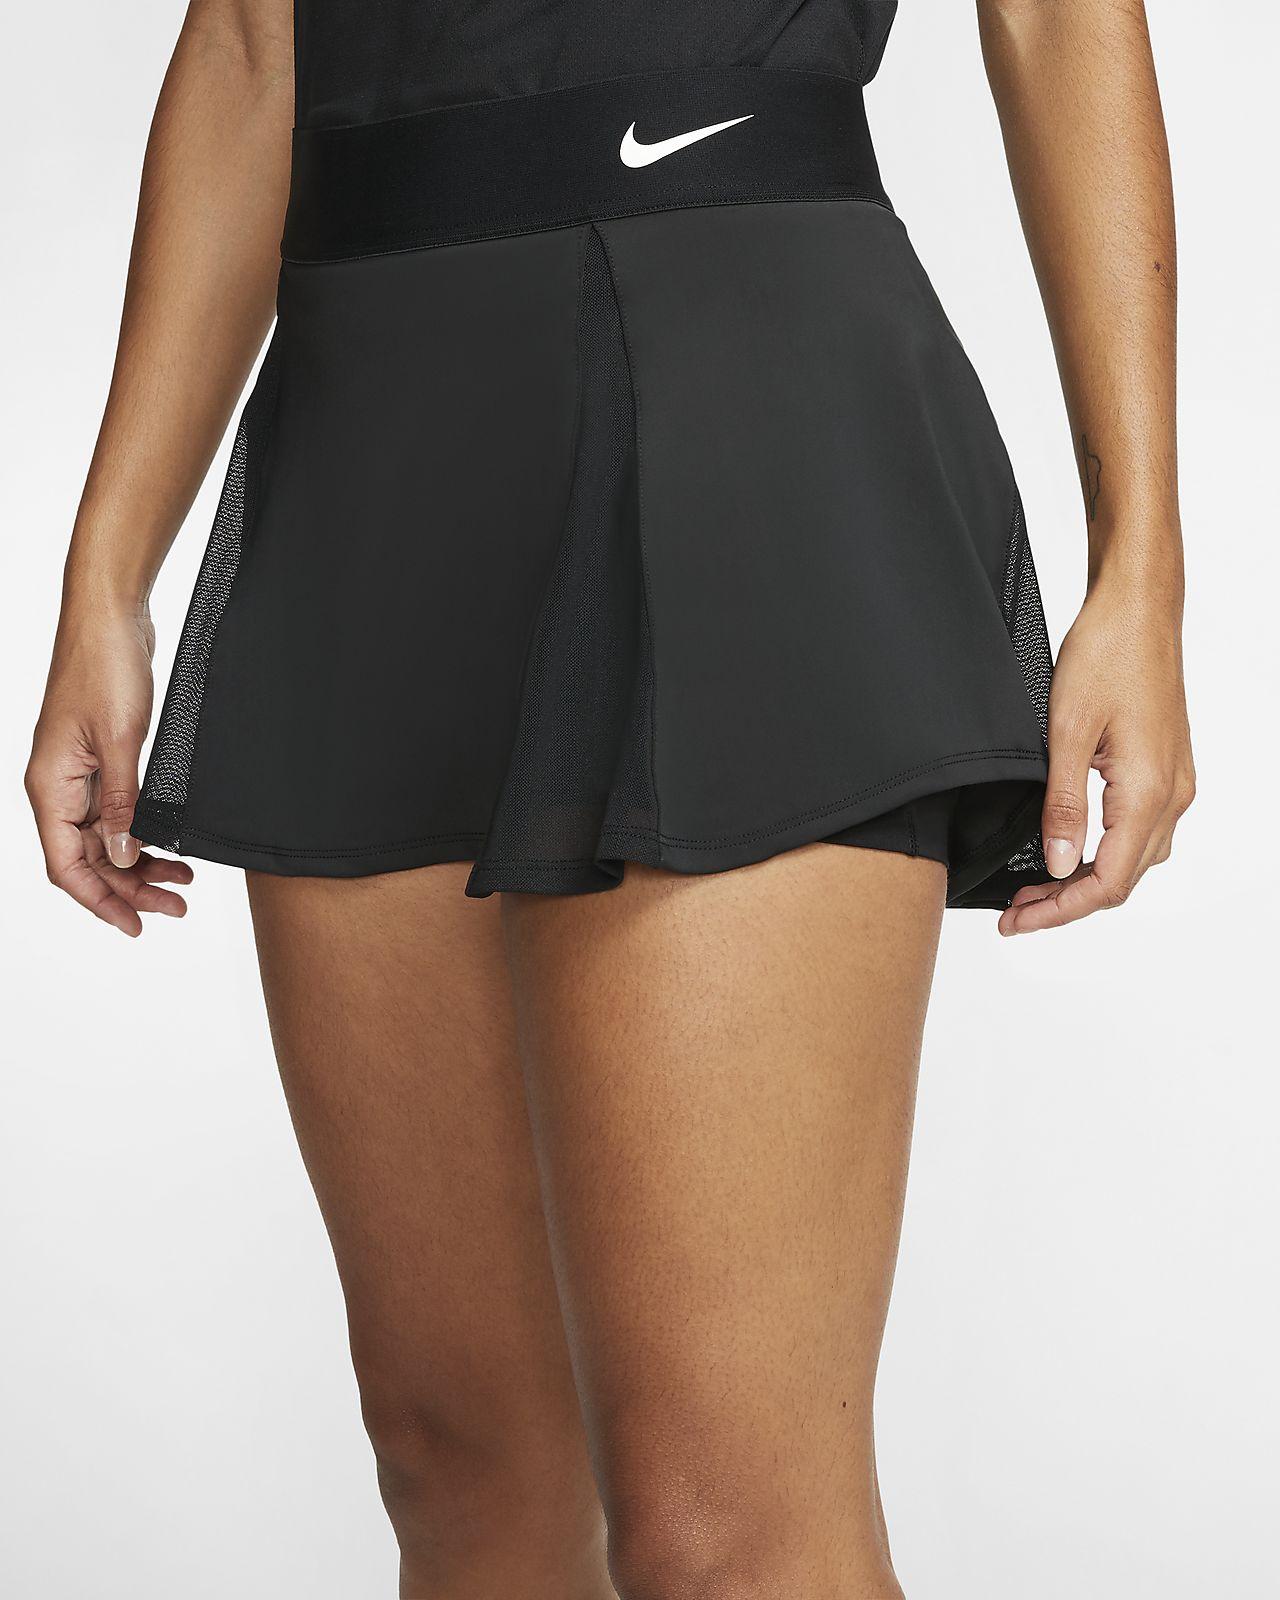 Damska spódniczka tenisowa NikeCourt